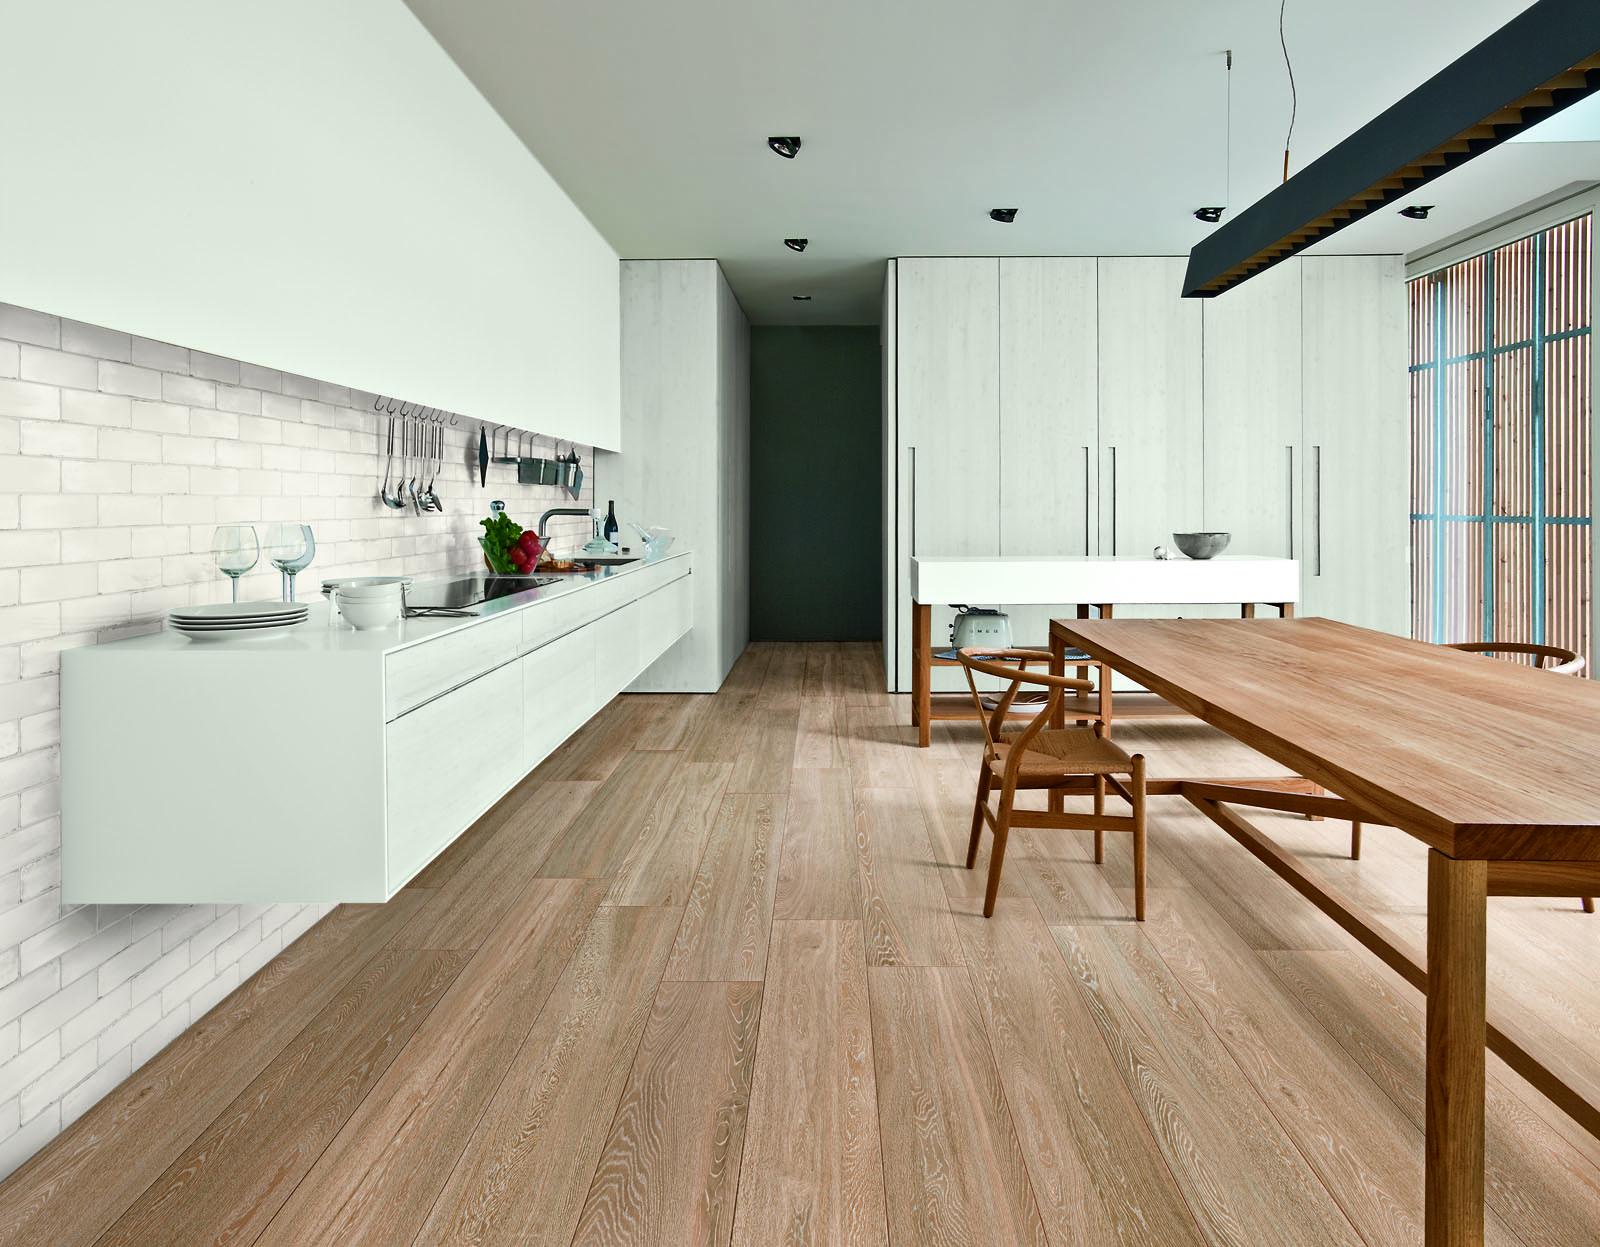 Piastrelle Effetto Legno Per Esterni : Piastrelle effetto legno per esterni good piastrelle effetto